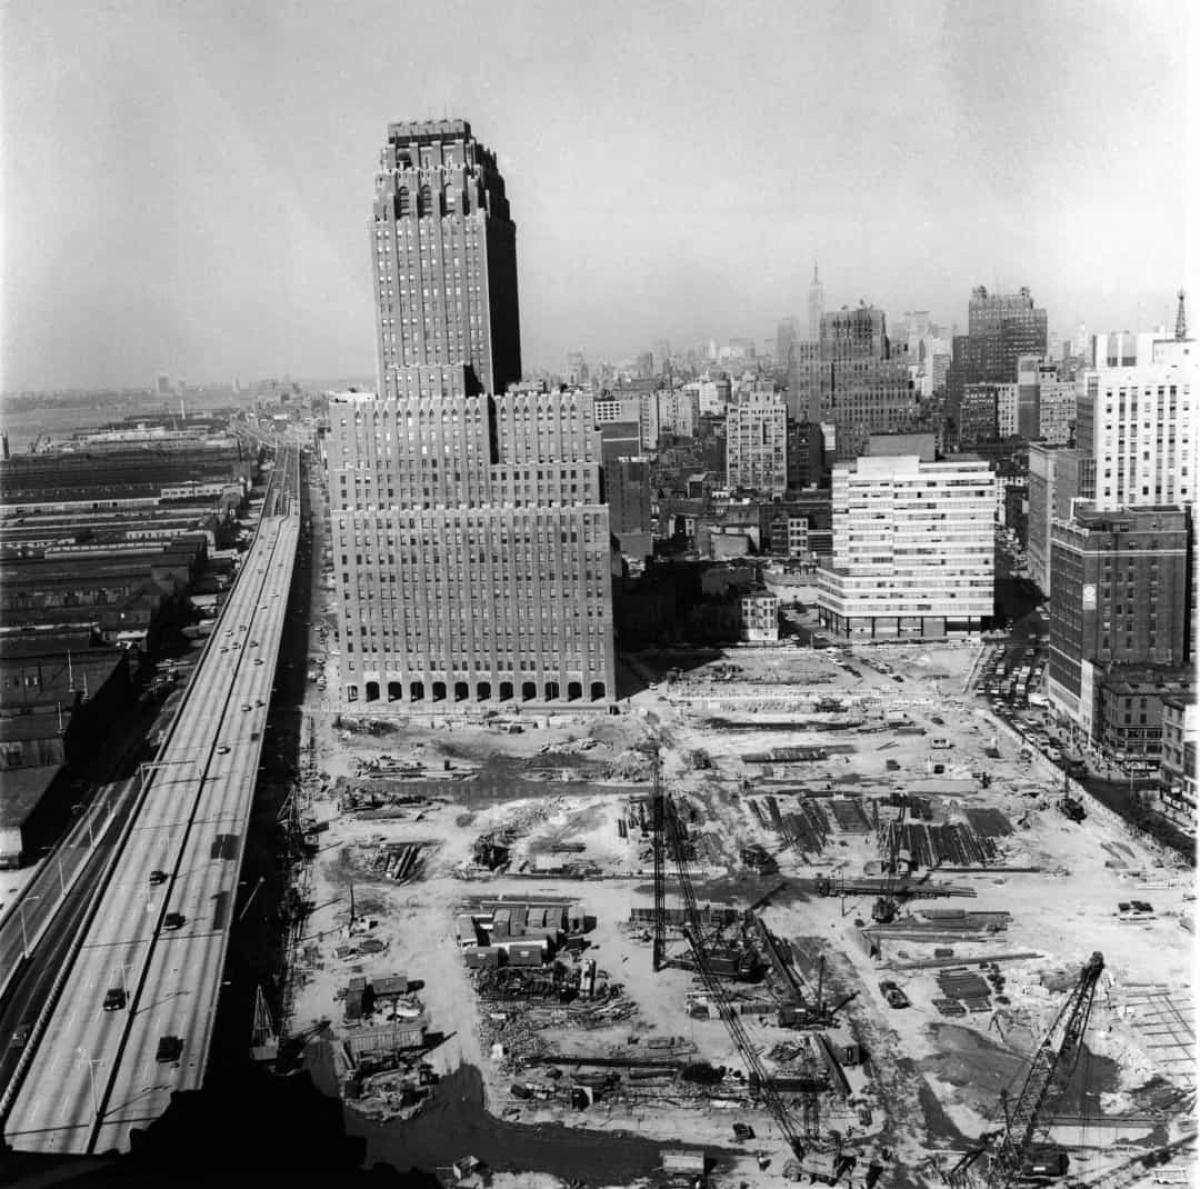 Để xây dựng trên địa điểm đã chọn ở Manhattan, các kỹ sư phải đào móng sâu 21m. Sau đó, họ thả một lồng thép cao 7 tầng nặng khoảng 22 tấn vào lỗ và đổ bê tông để tạo móng cho tòa nhà.Vật liệu được sử dụng để xây dựng tòa nhà bao gồm 200.000 miếng thép, 4.828 km dây điện, 324.936 m3 bê tông, 40.000 cửa ra vào, 43.600 cửa sổ và 6 mẫu đá cẩm thạch.